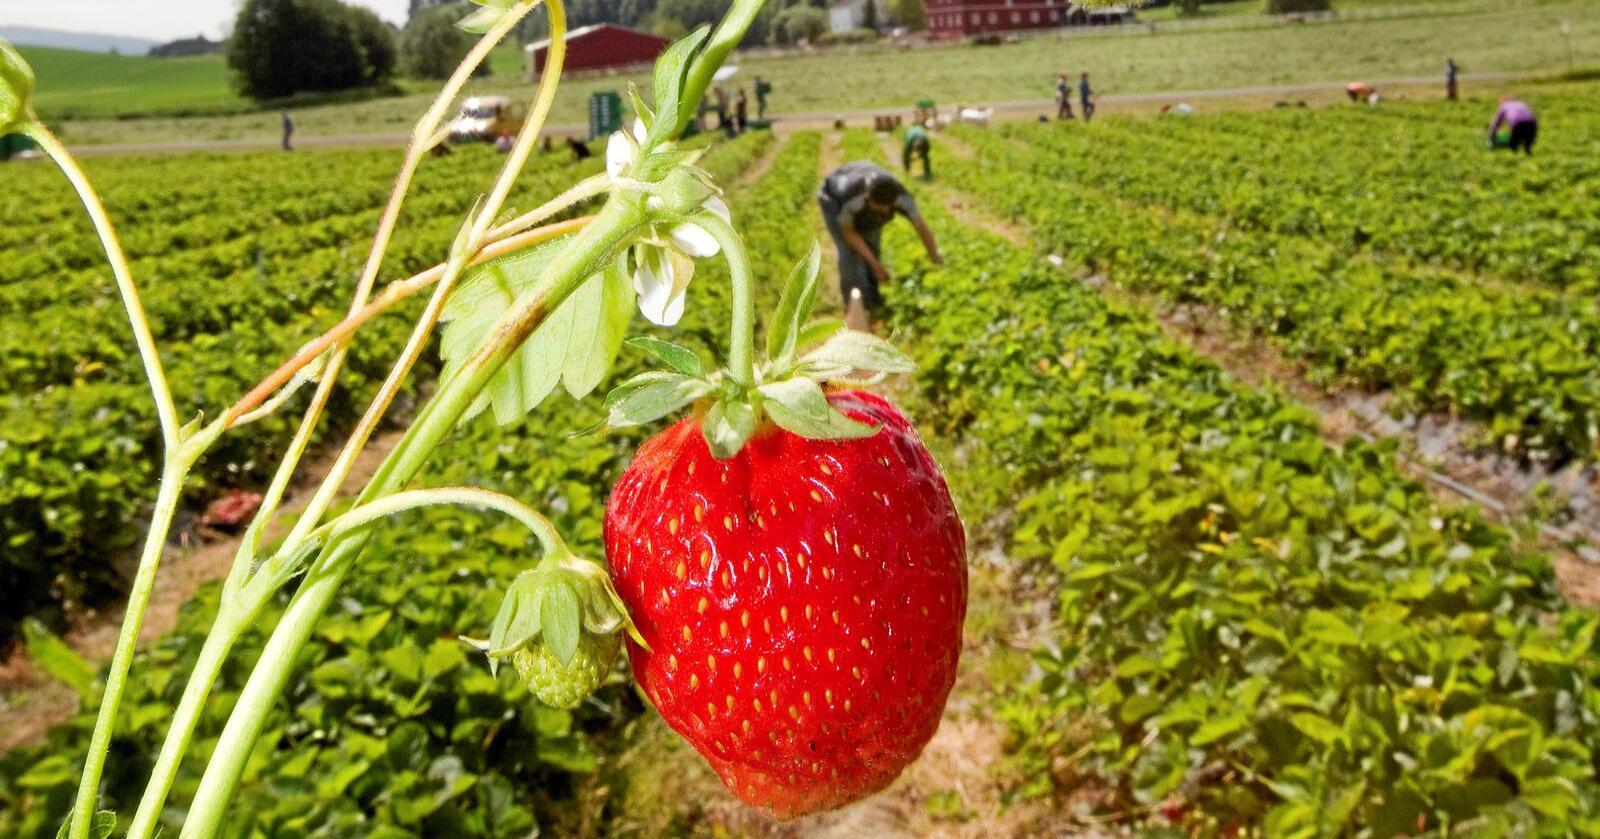 Arbeidsvilkår: Norsk landbruk er avhengig av importert arbeidskraft. Foto: Gorm Kallestad / NTB scanpix